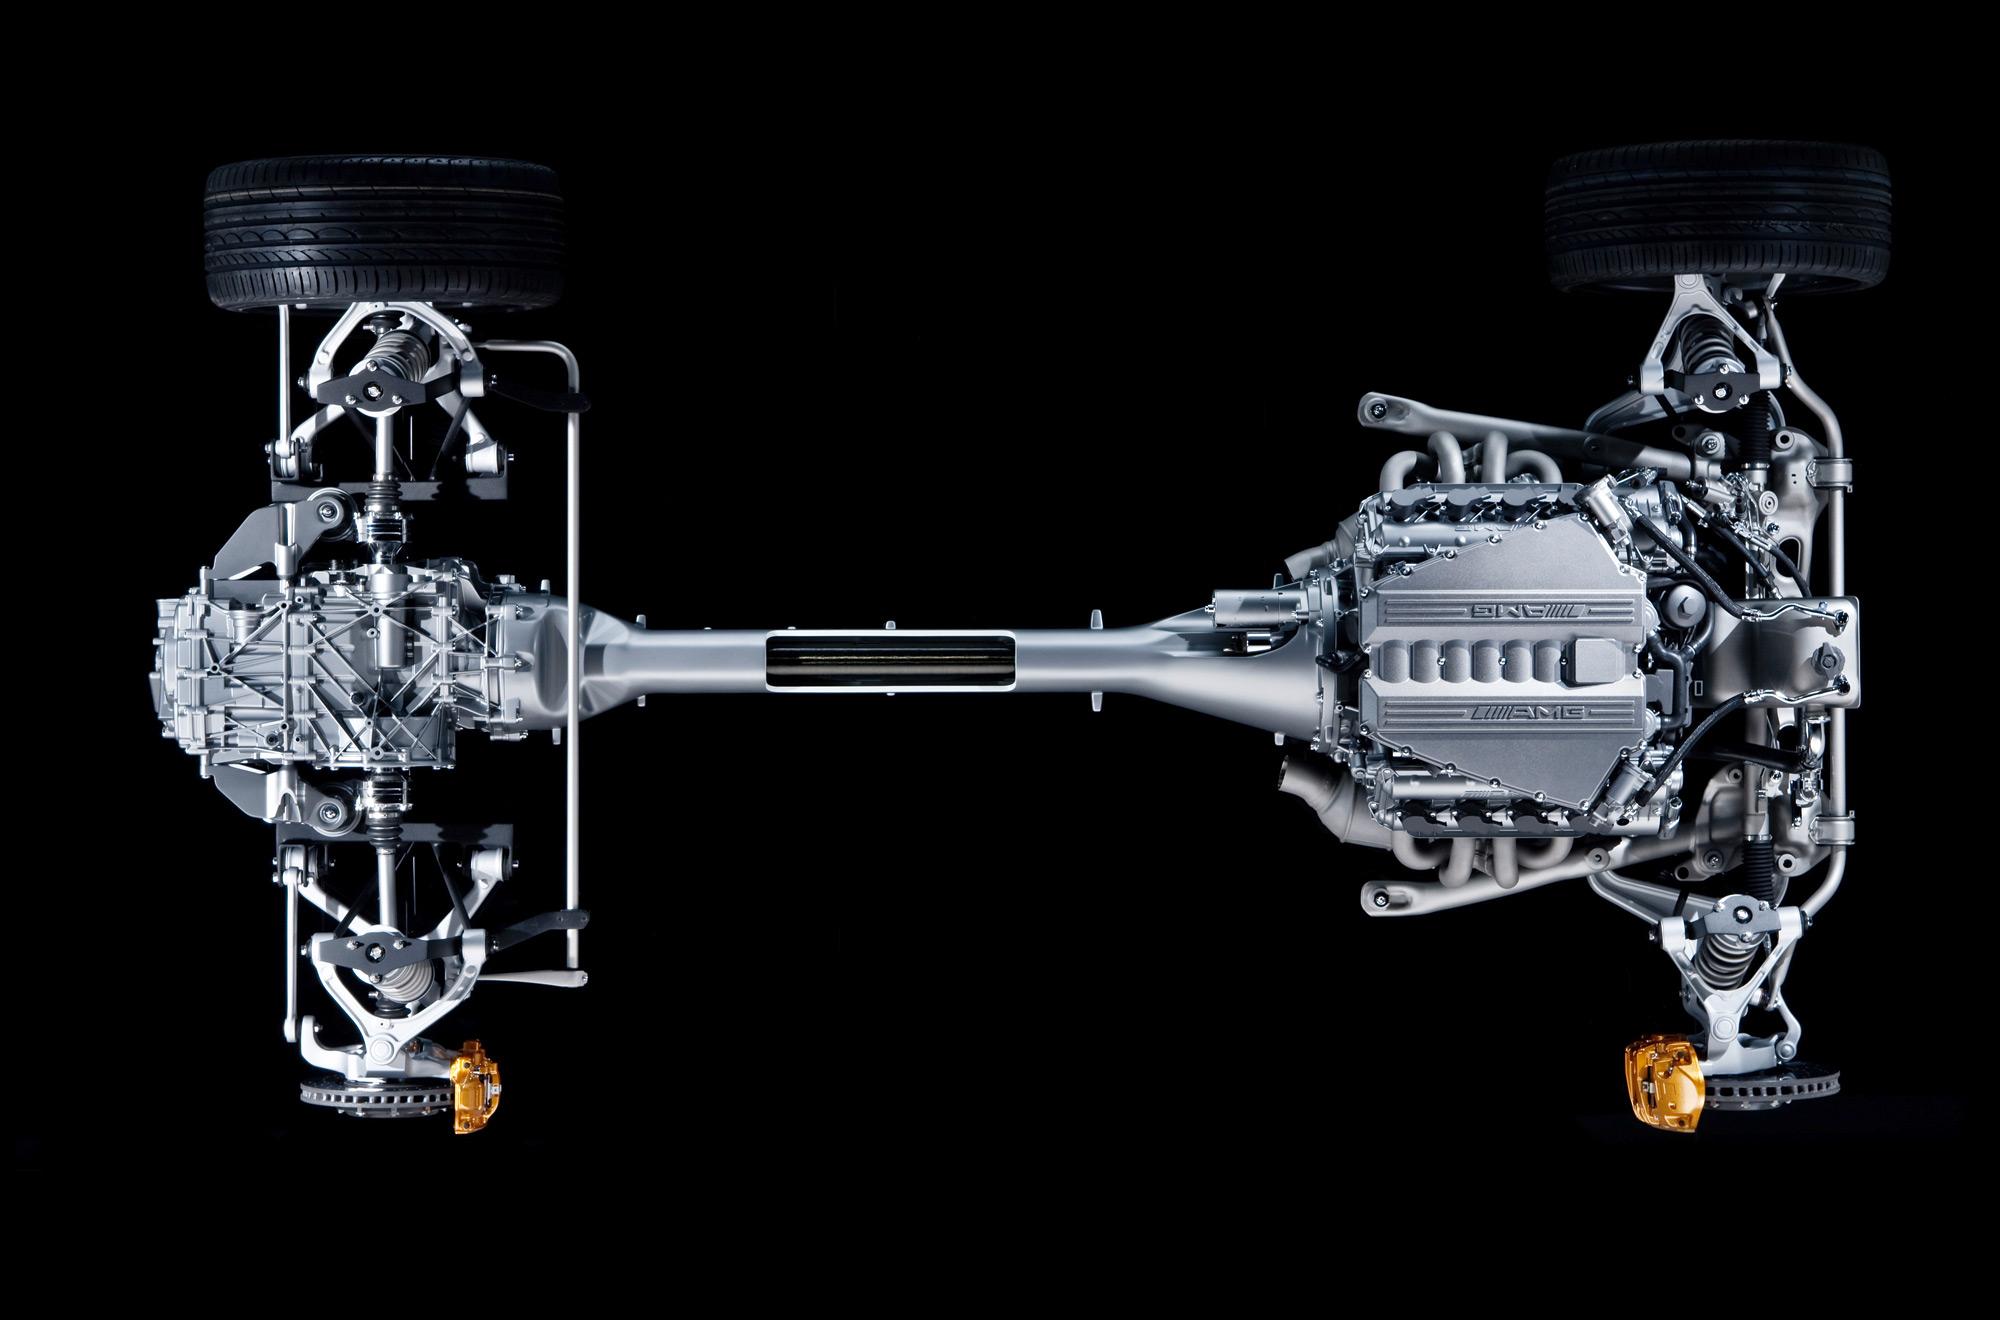 Ausmotive Com 187 2010 Mercedes Benz Sls Amg Gullwing